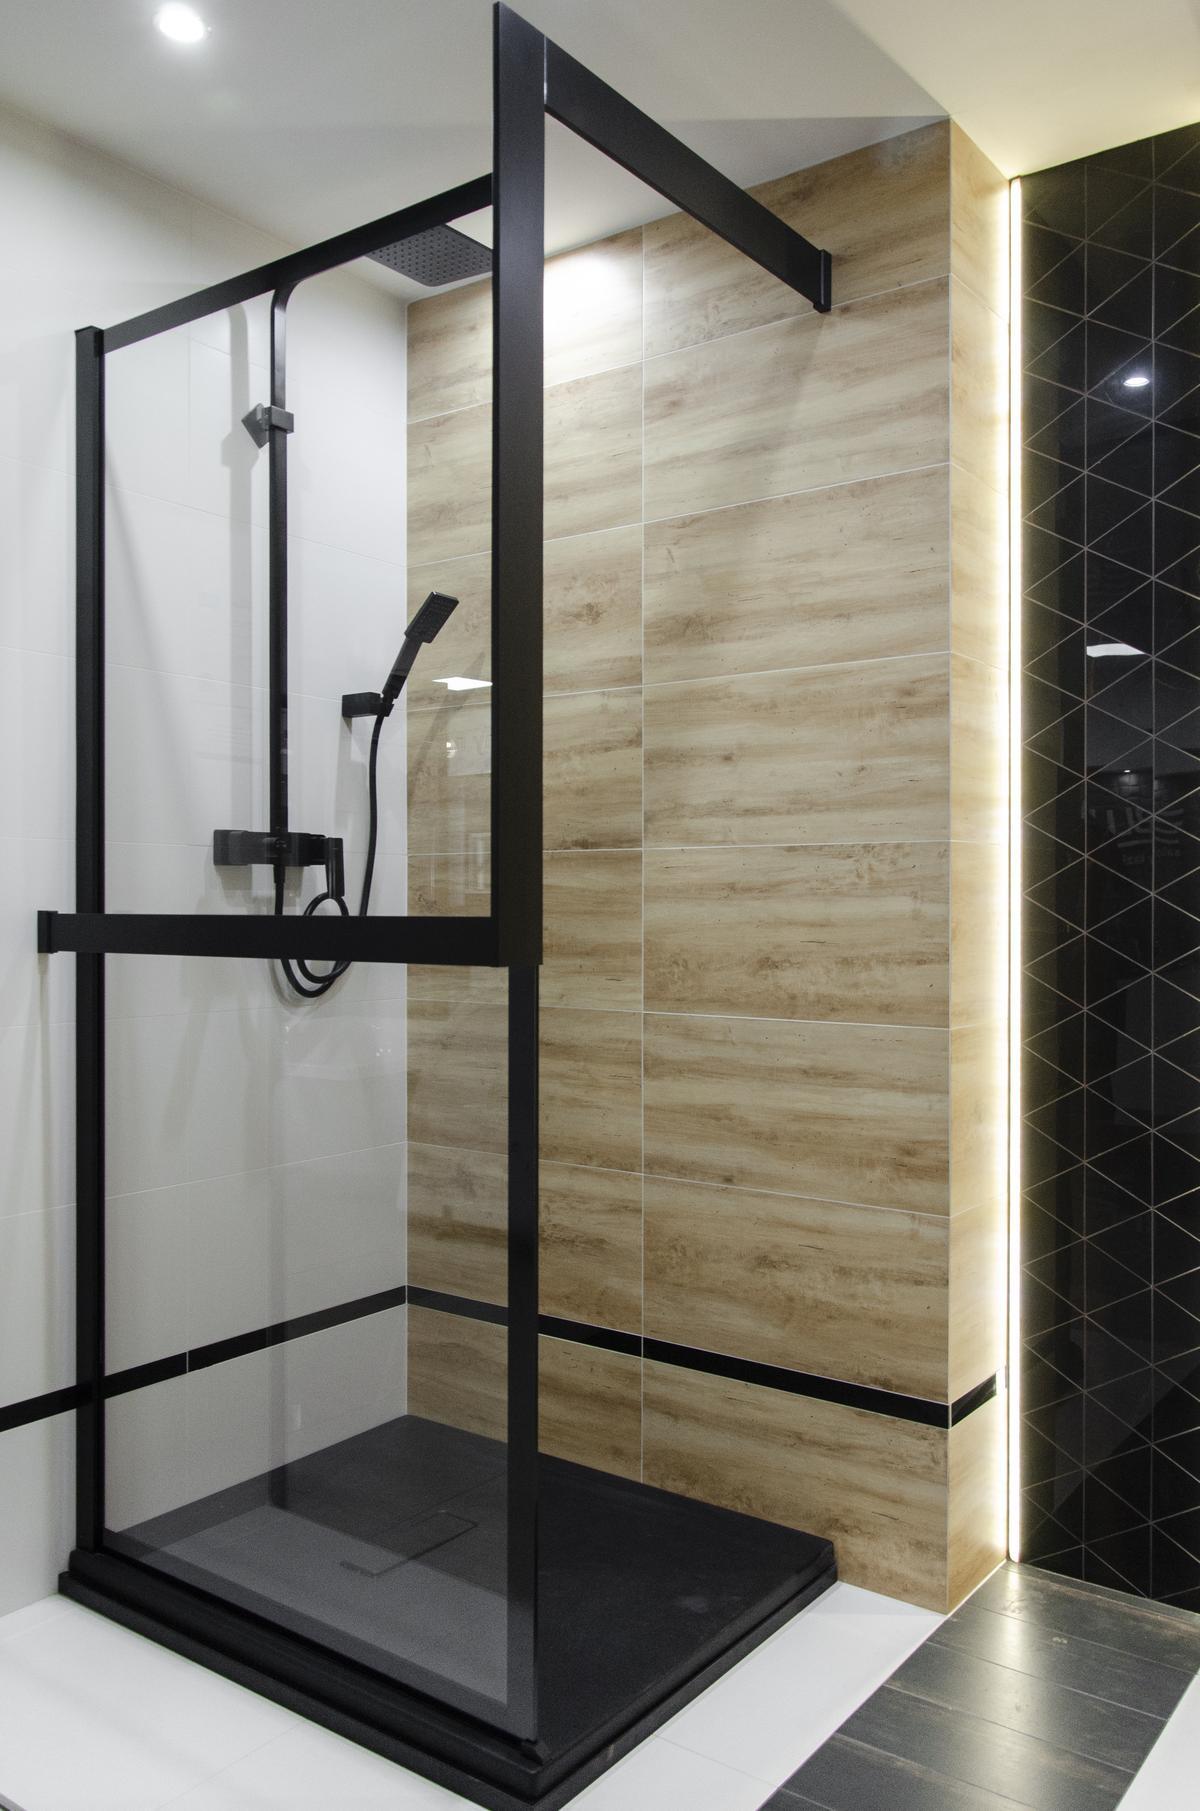 Aranżacja kabiny prysznicowej w nowoczesnym stylu z czarnymi akcentami - zdjęcie od BLU salon łazienek Grudziądz